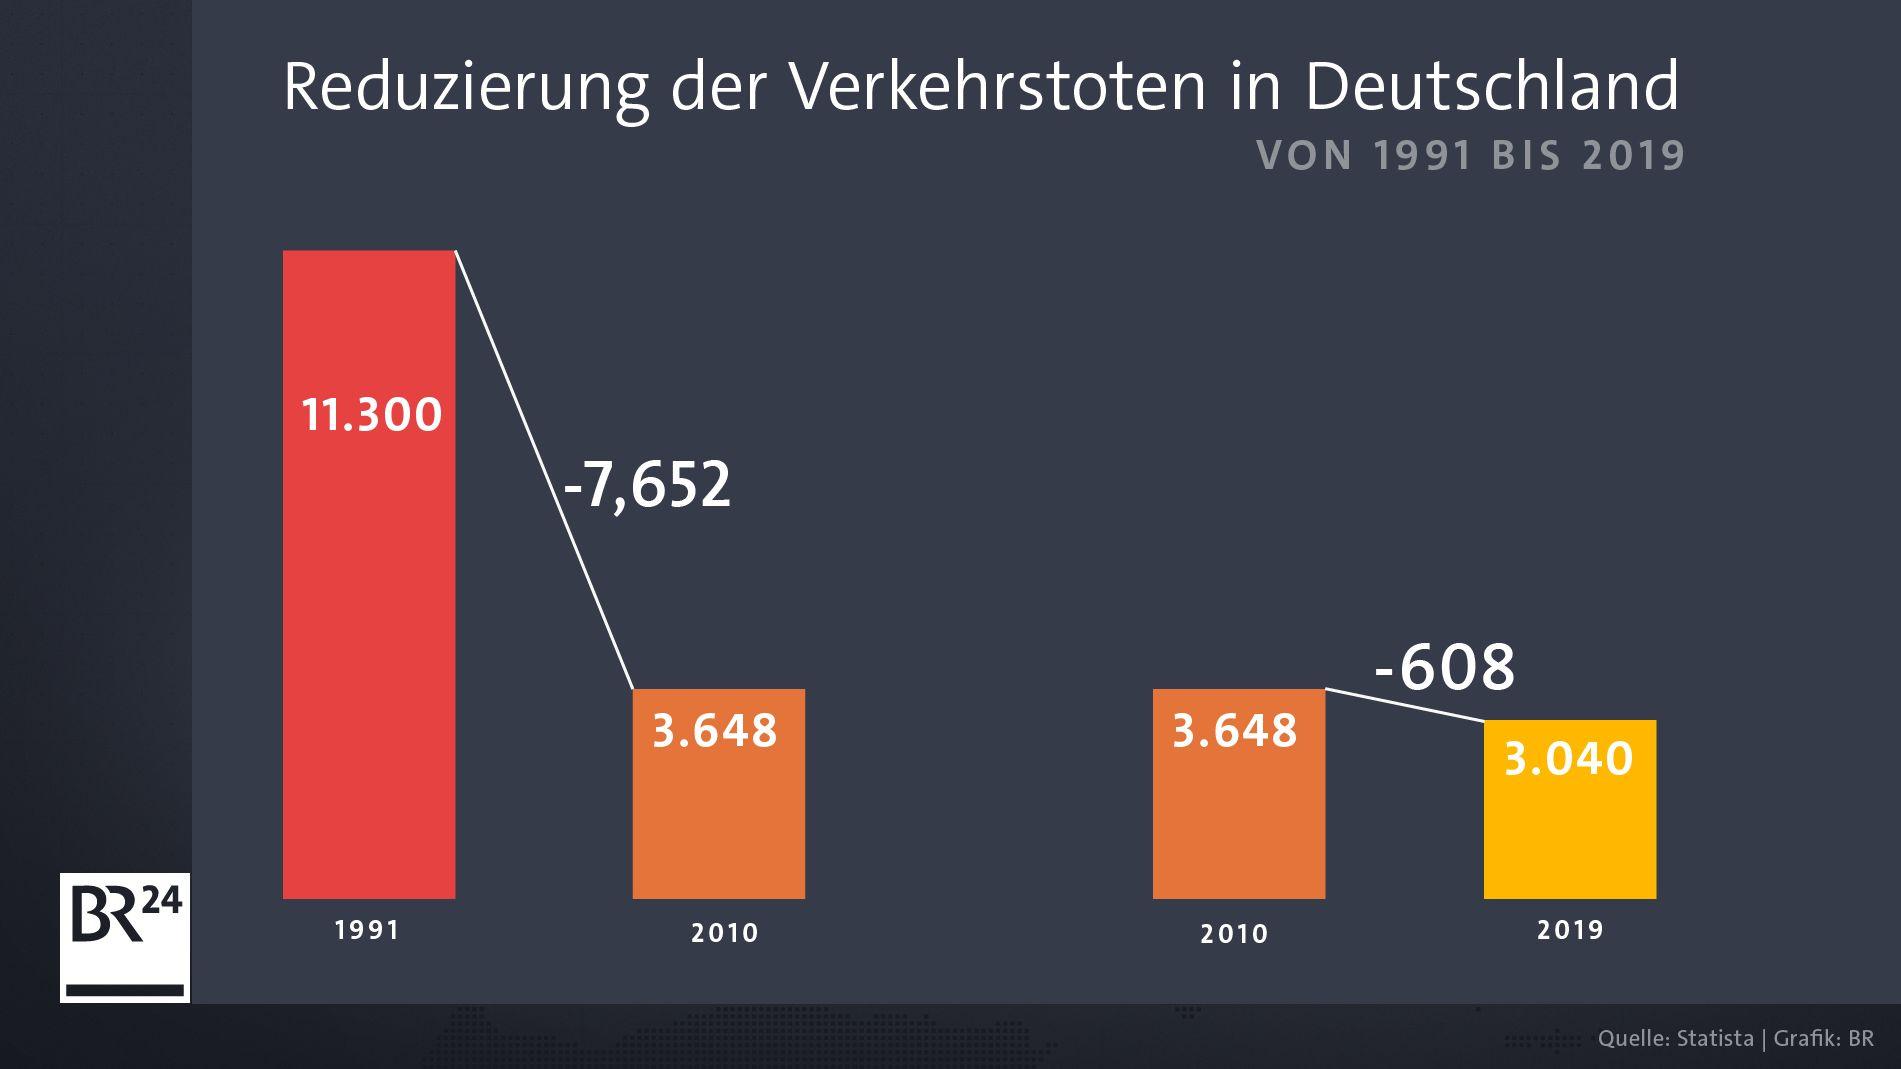 Reduzierung der Zahl der Verkehrstoten in Deutschland